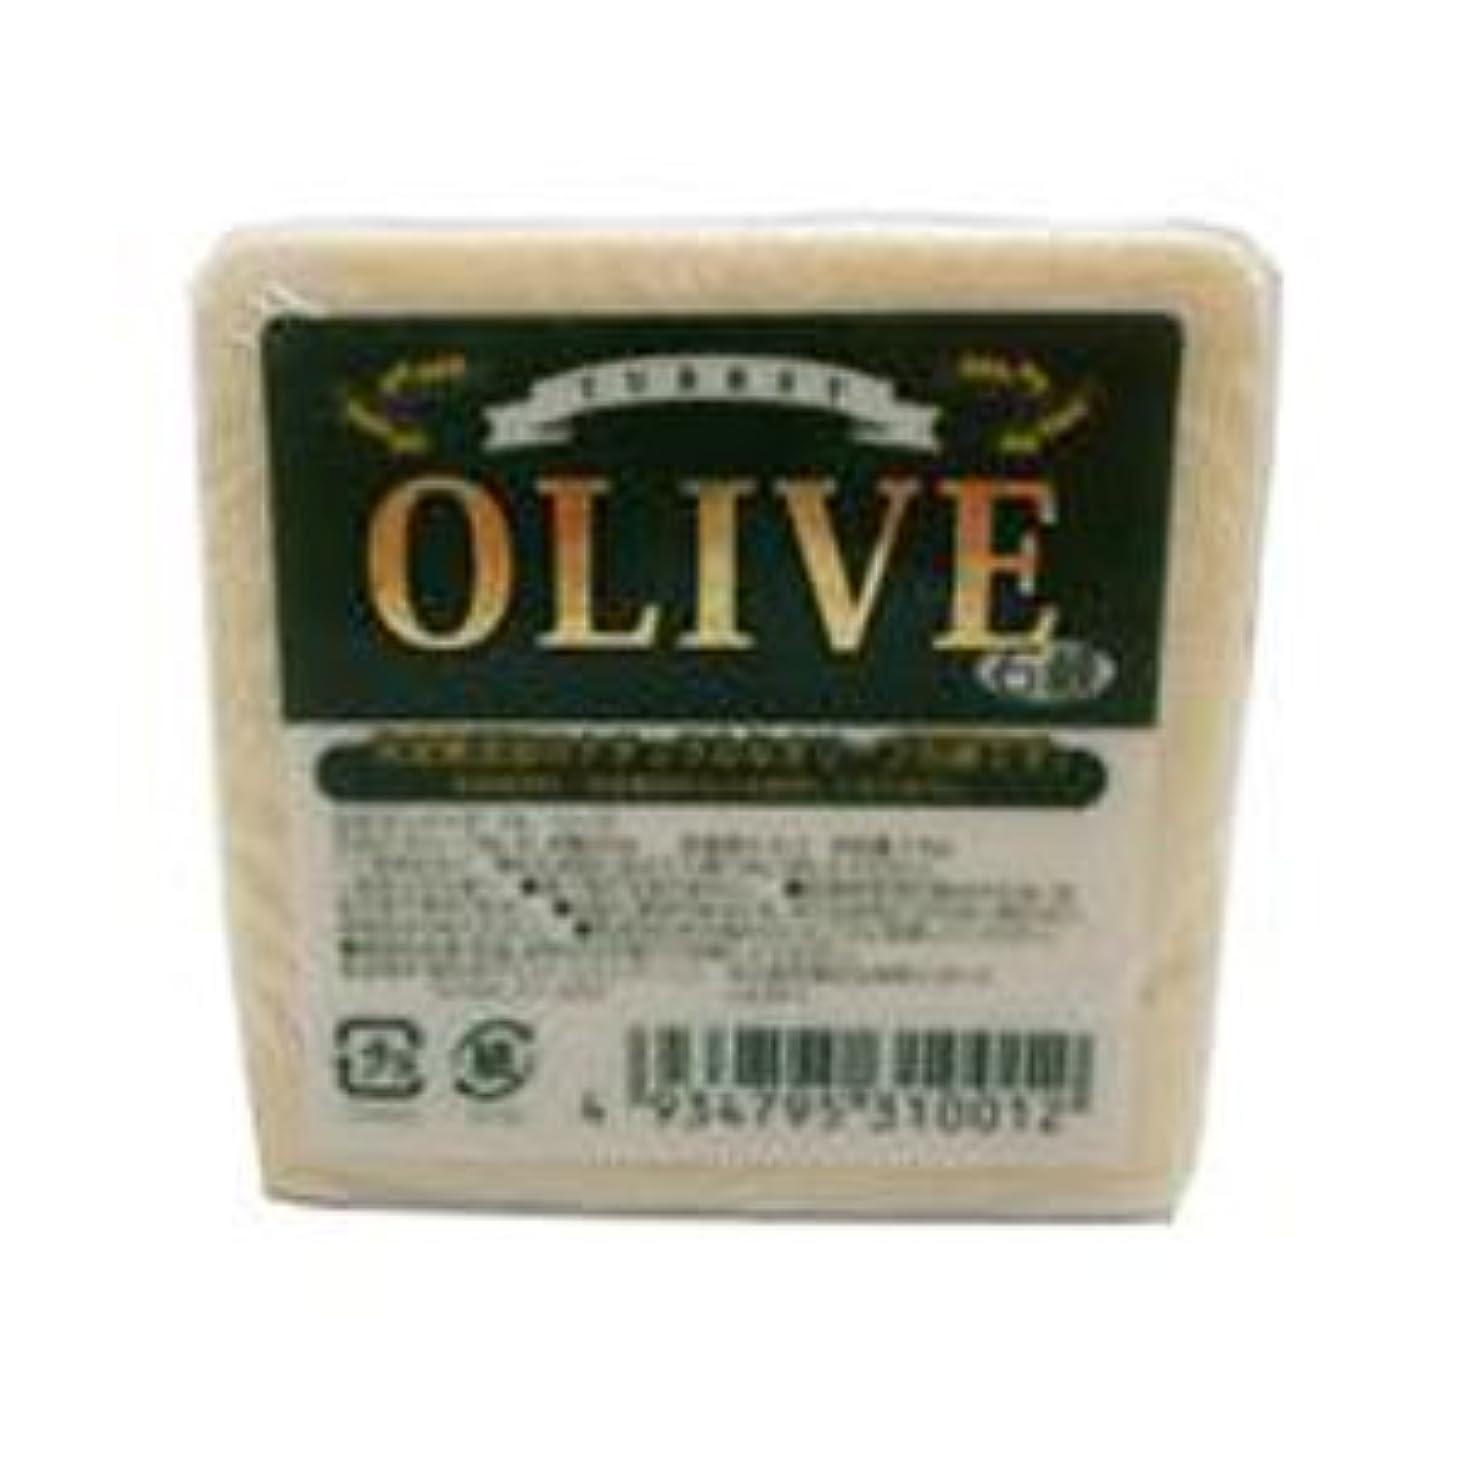 頑丈是正富お得な5個セット トルコ産オリーブを使用した無添加石鹸 ターキーオリーブ石鹸 135g